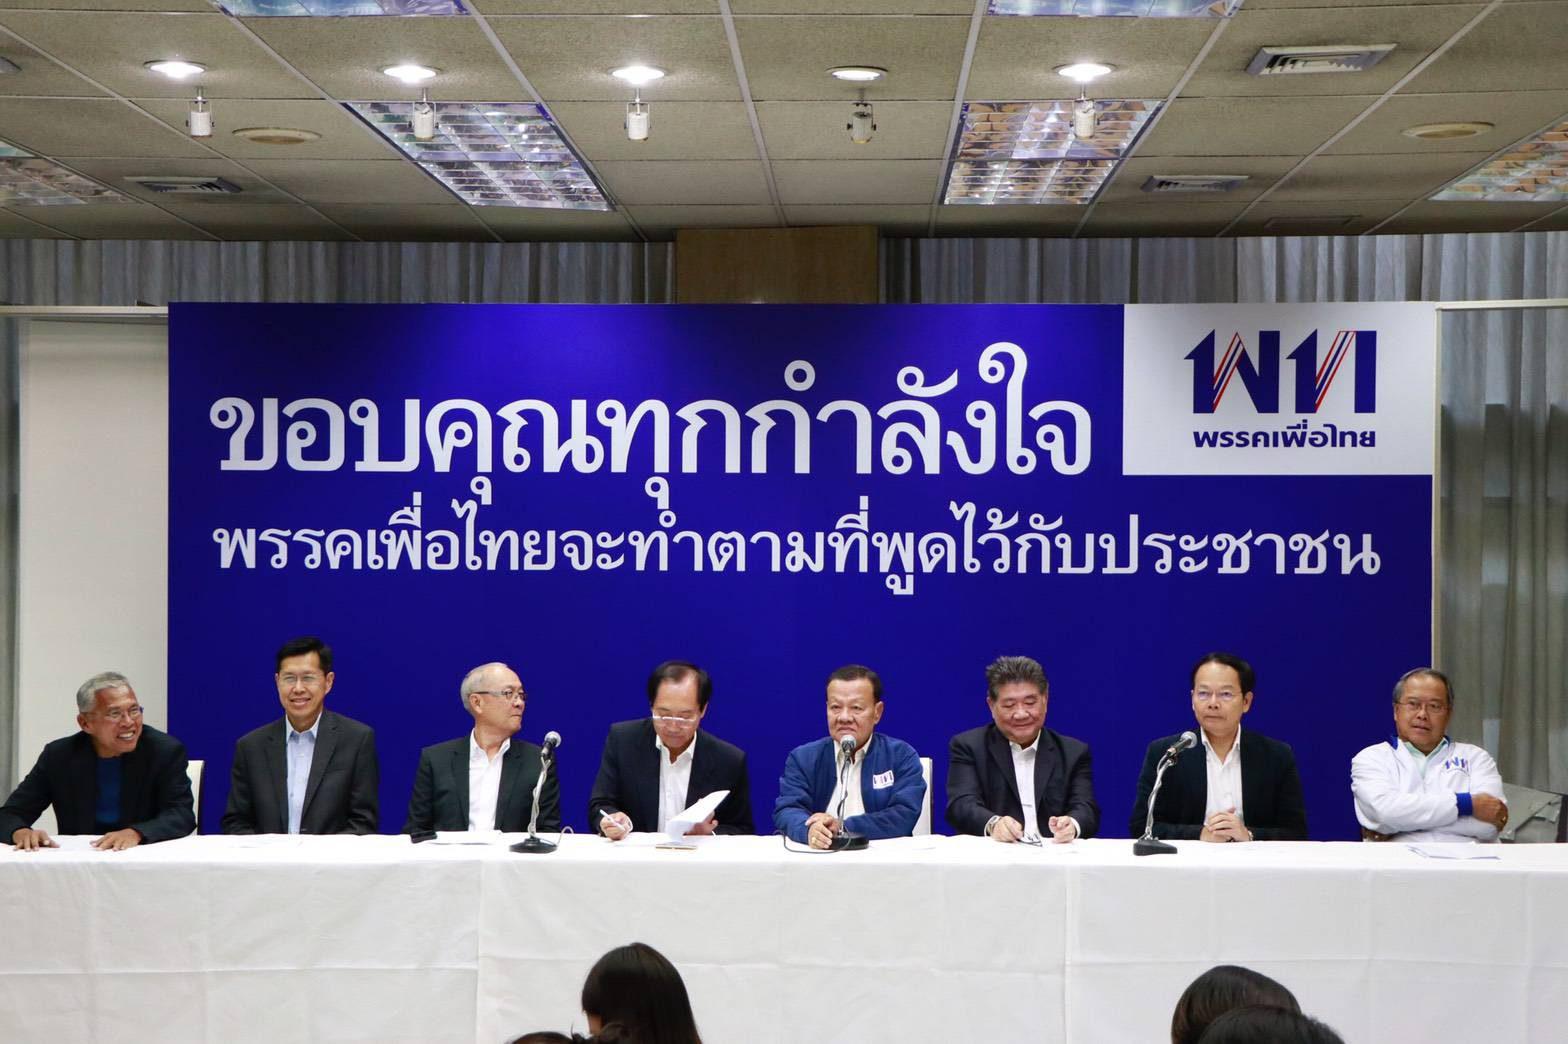 เพื่อไทยแถลง ร้องเปิดเผยผลคะแนนหน่วยเลือกตั้ง-แจงจำนวนบัตรที่เพิ่ม